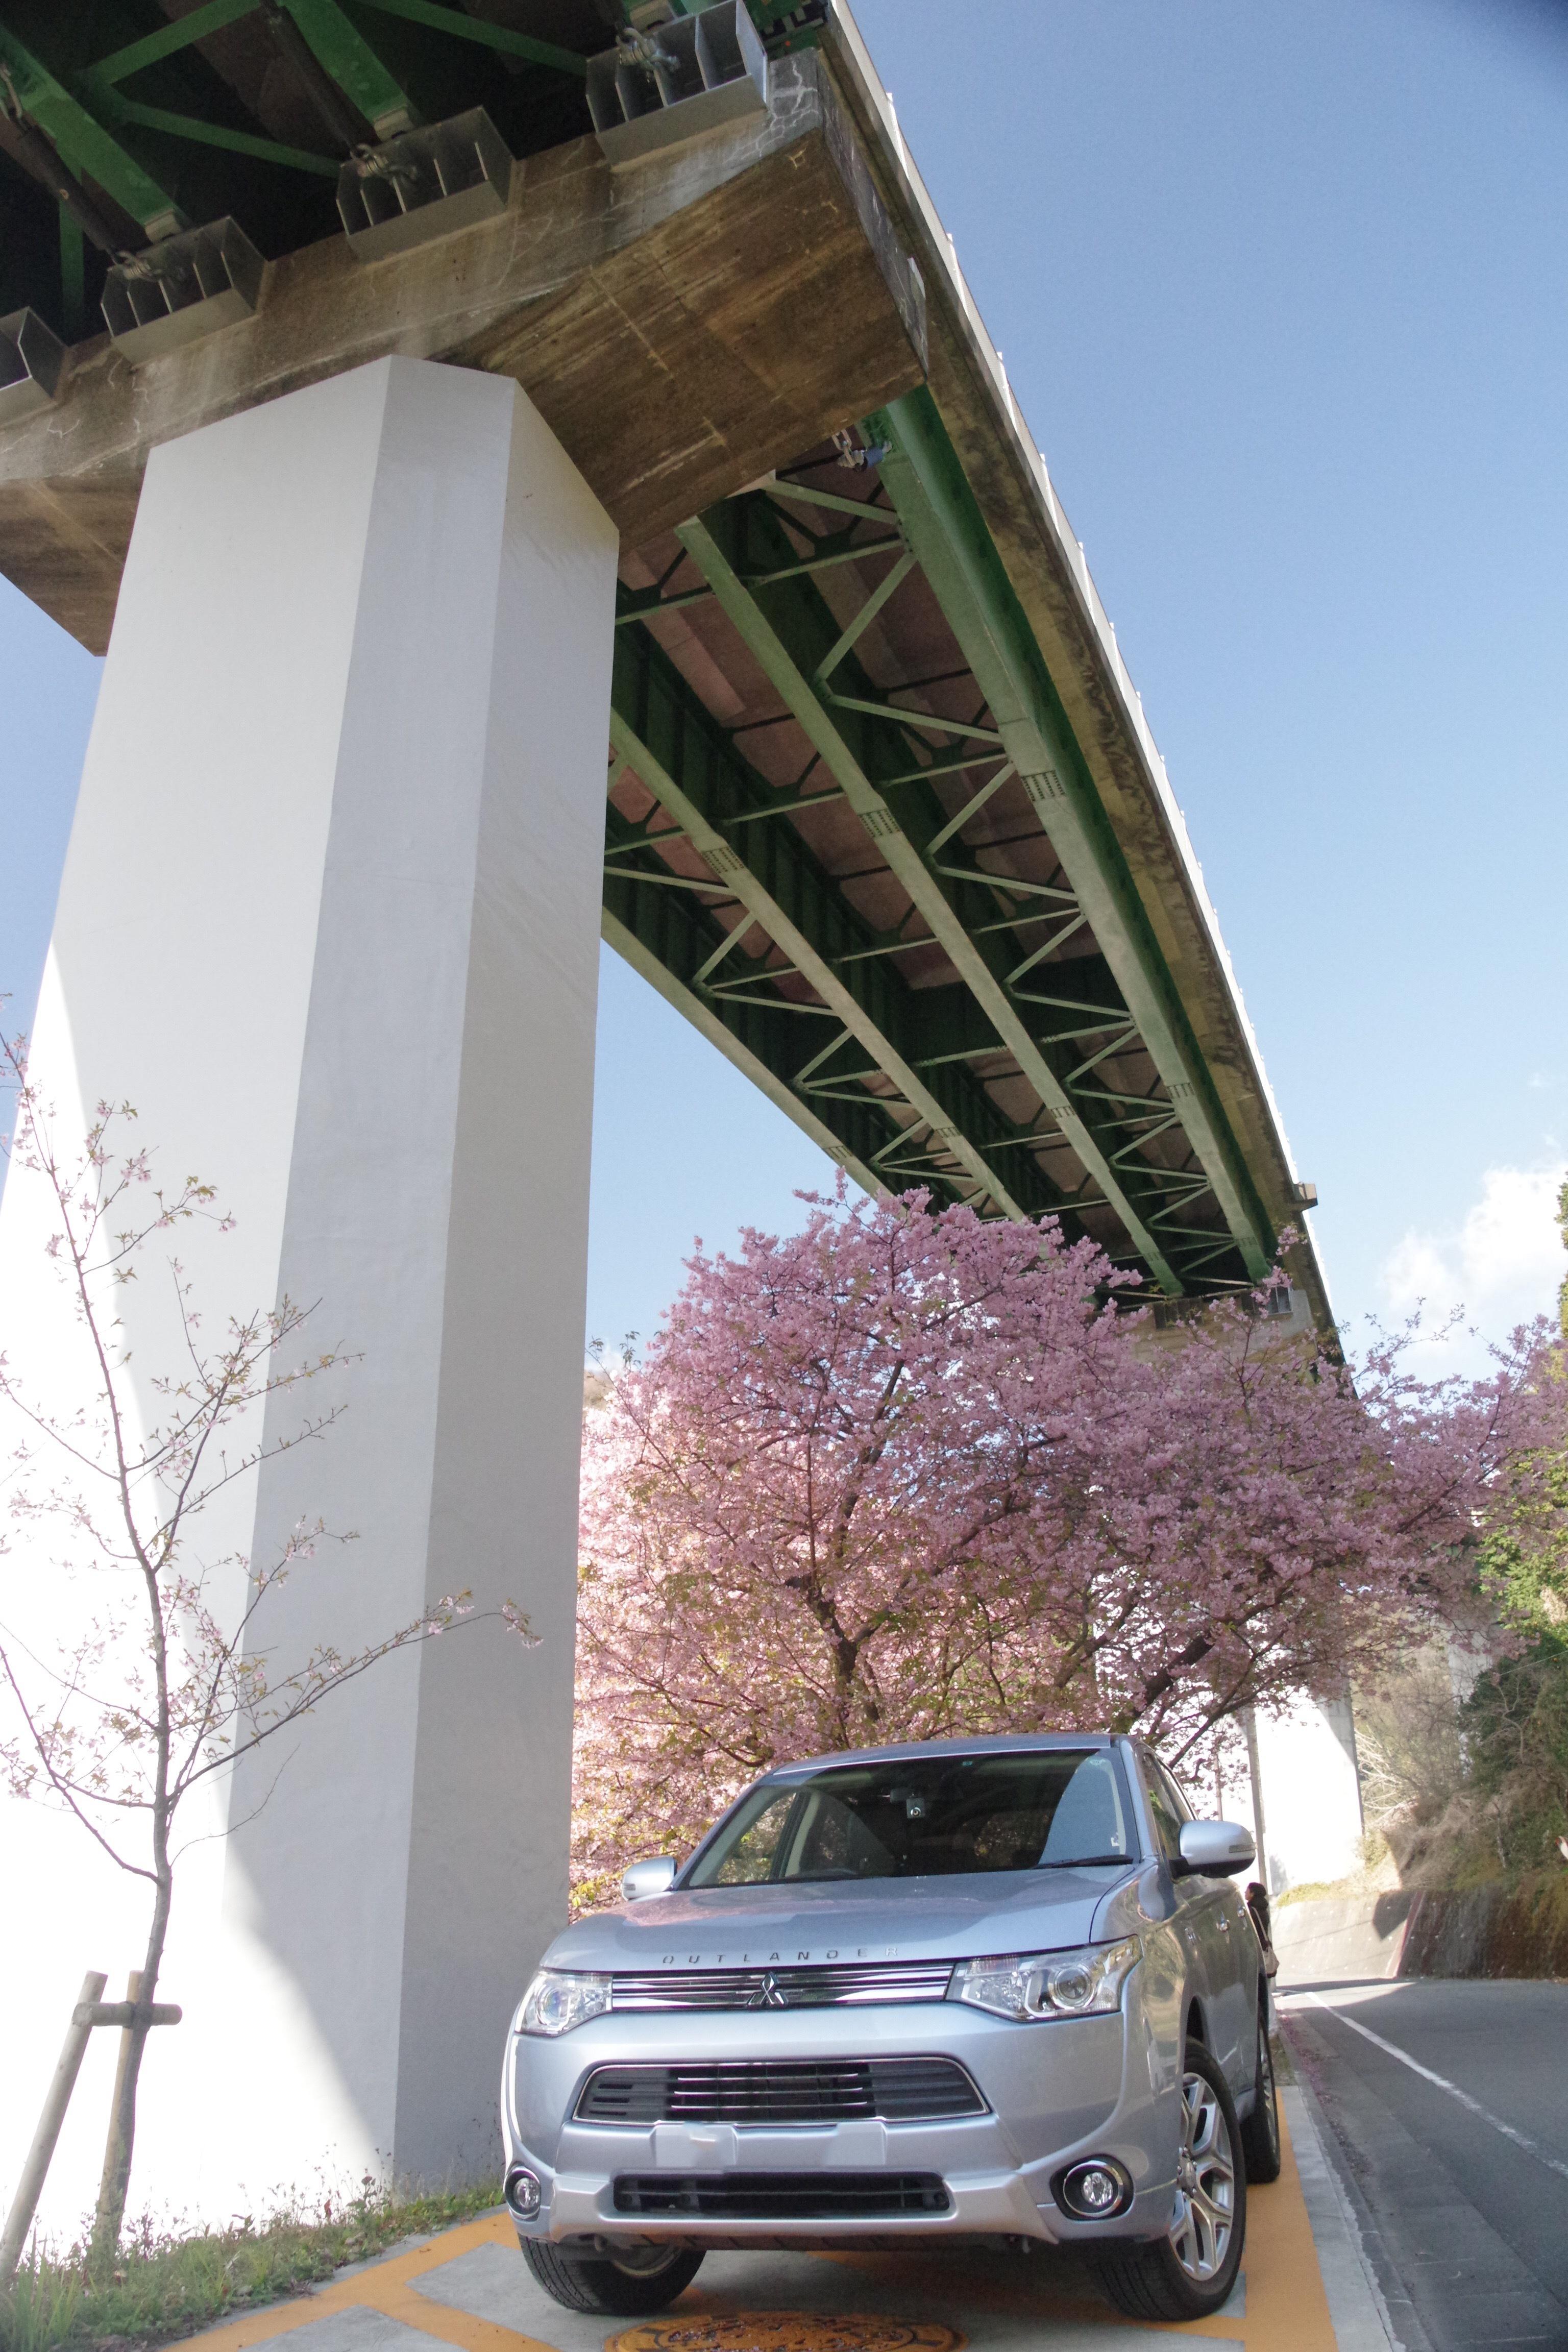 アウトランダーPHEV 桜 伊豆河津町 上条の桜